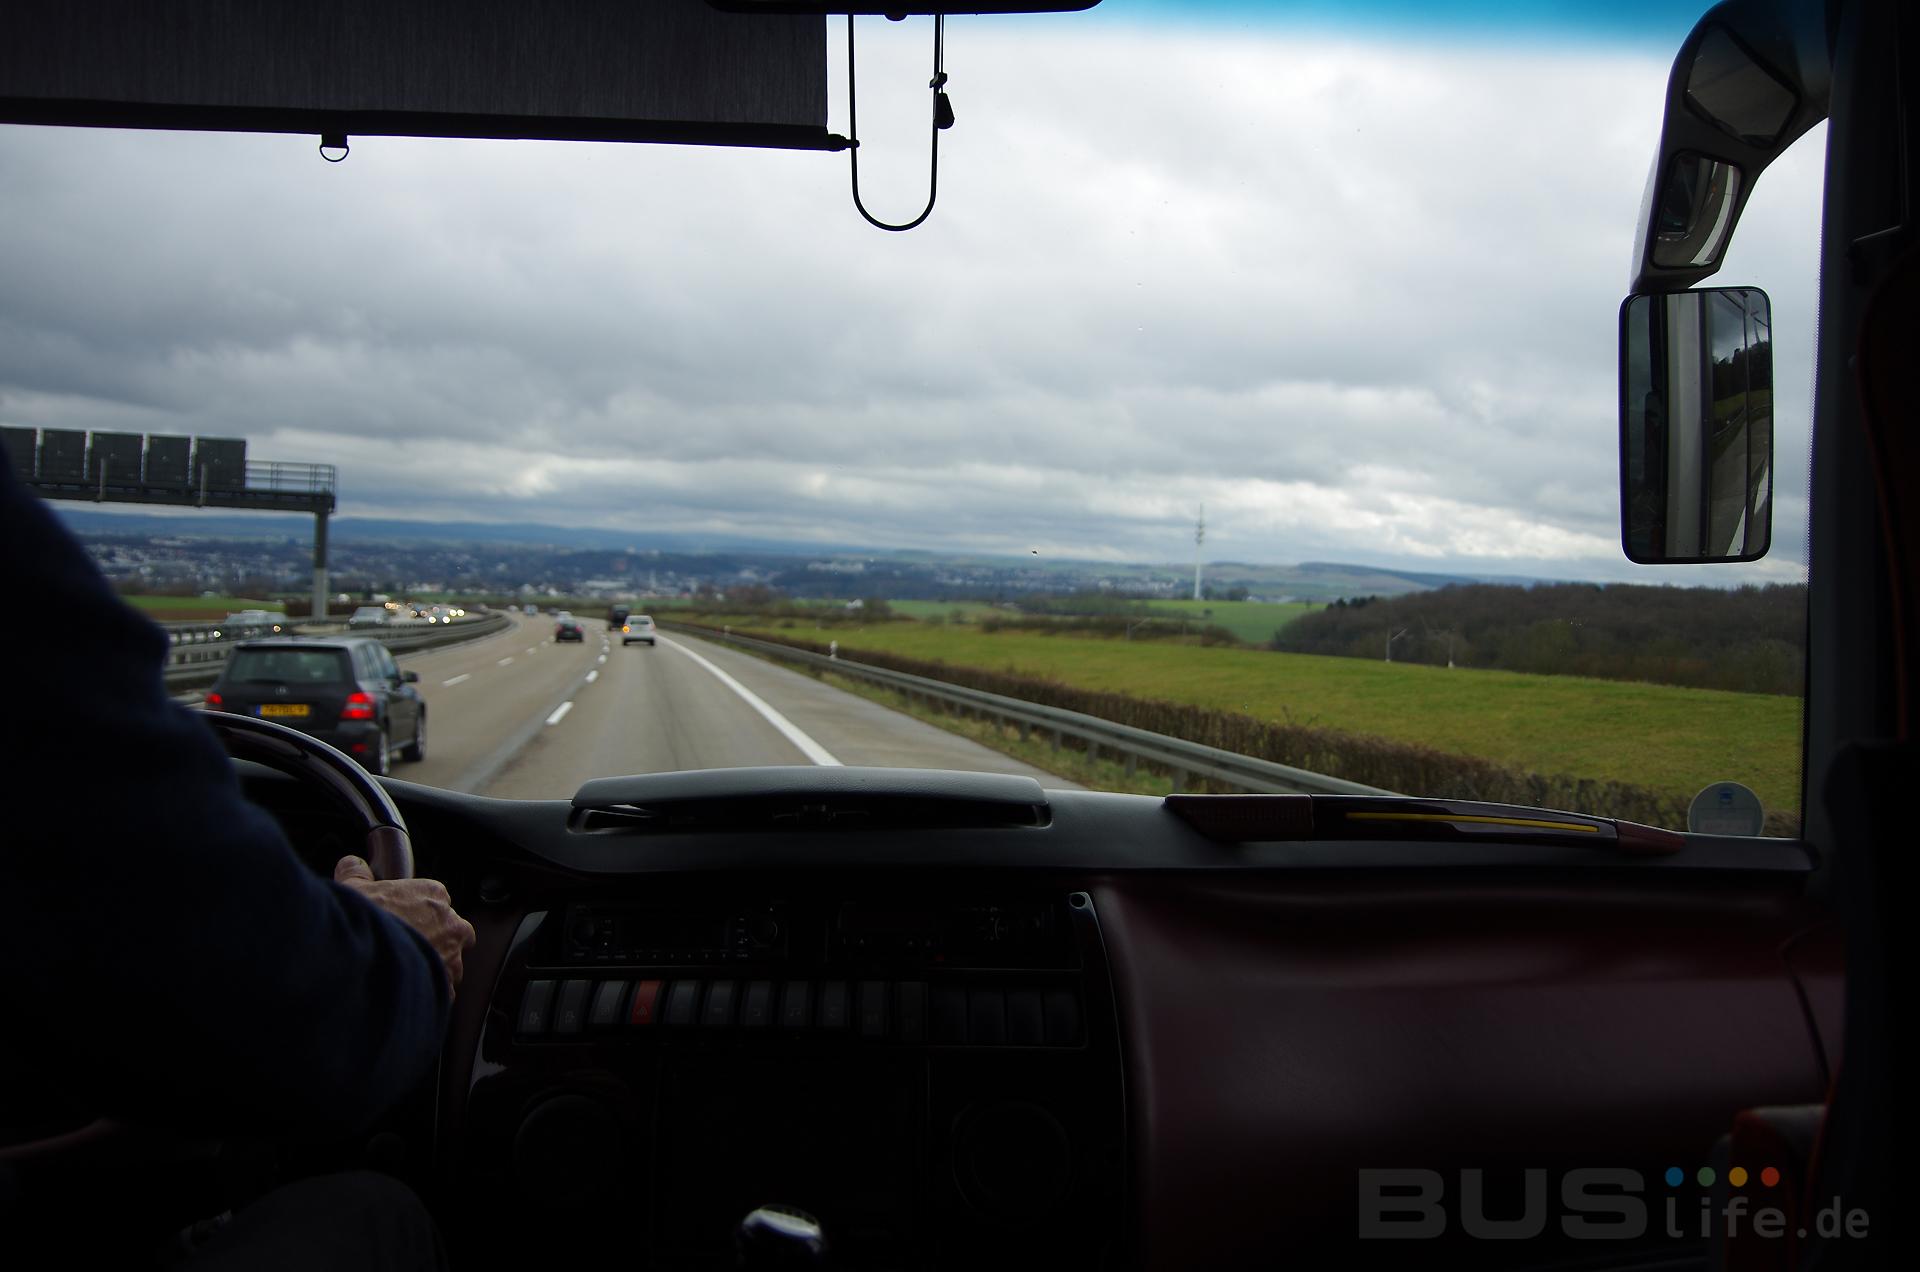 유럽 버스운전기사들의 근무시간 규정